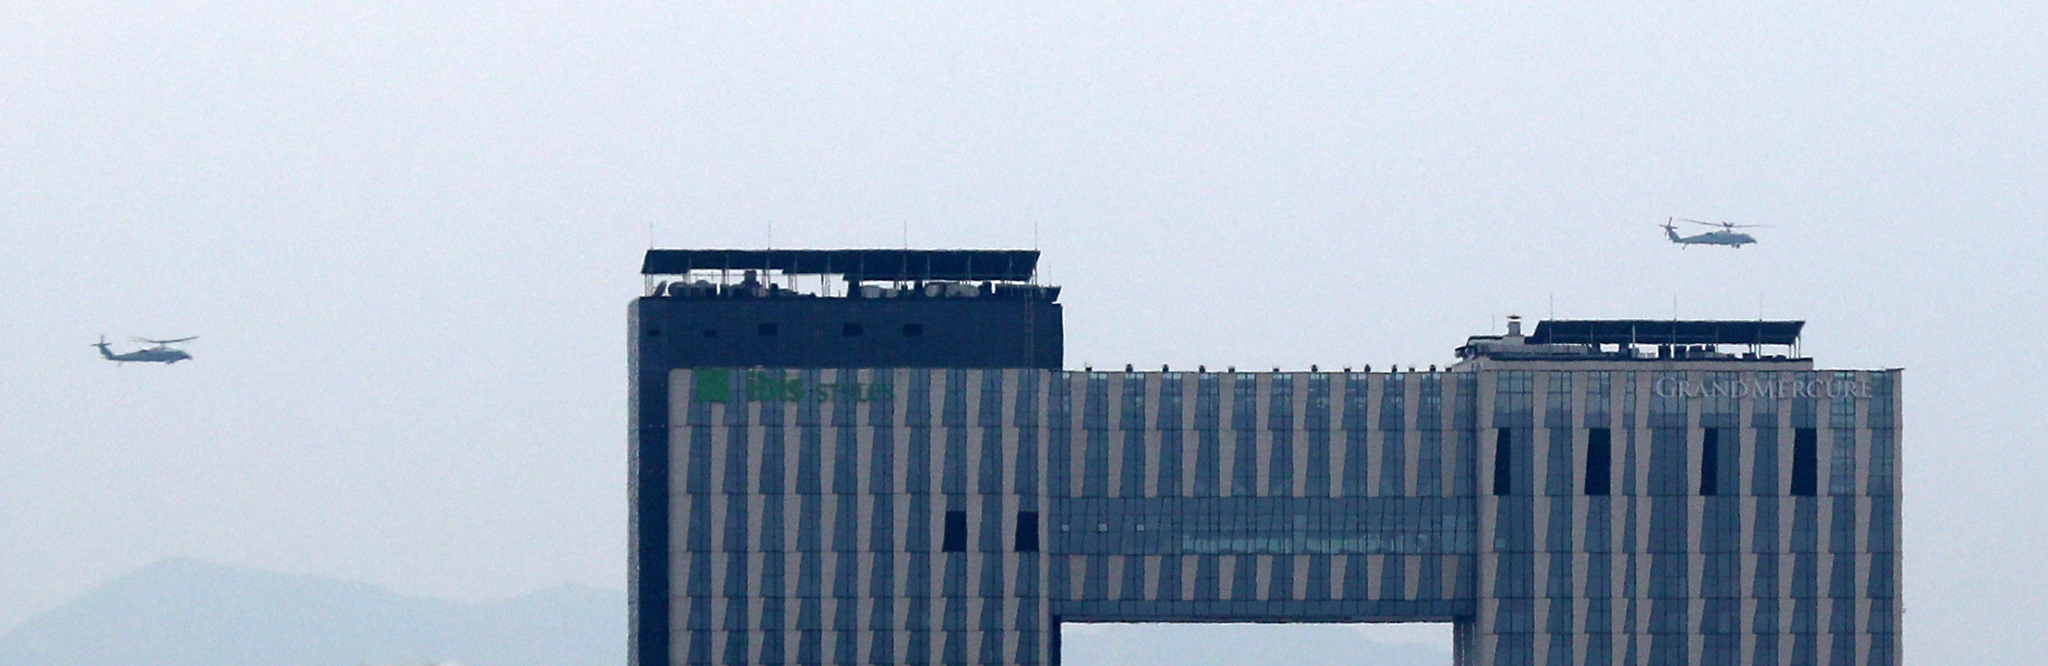 30일 오후 트럼프 대통령이 탑승한 '마린원' 헬리콥터가 서울 용산미군기지에서 출발해 비무장지대(DMZ)로 향하고 있다. [뉴스1]